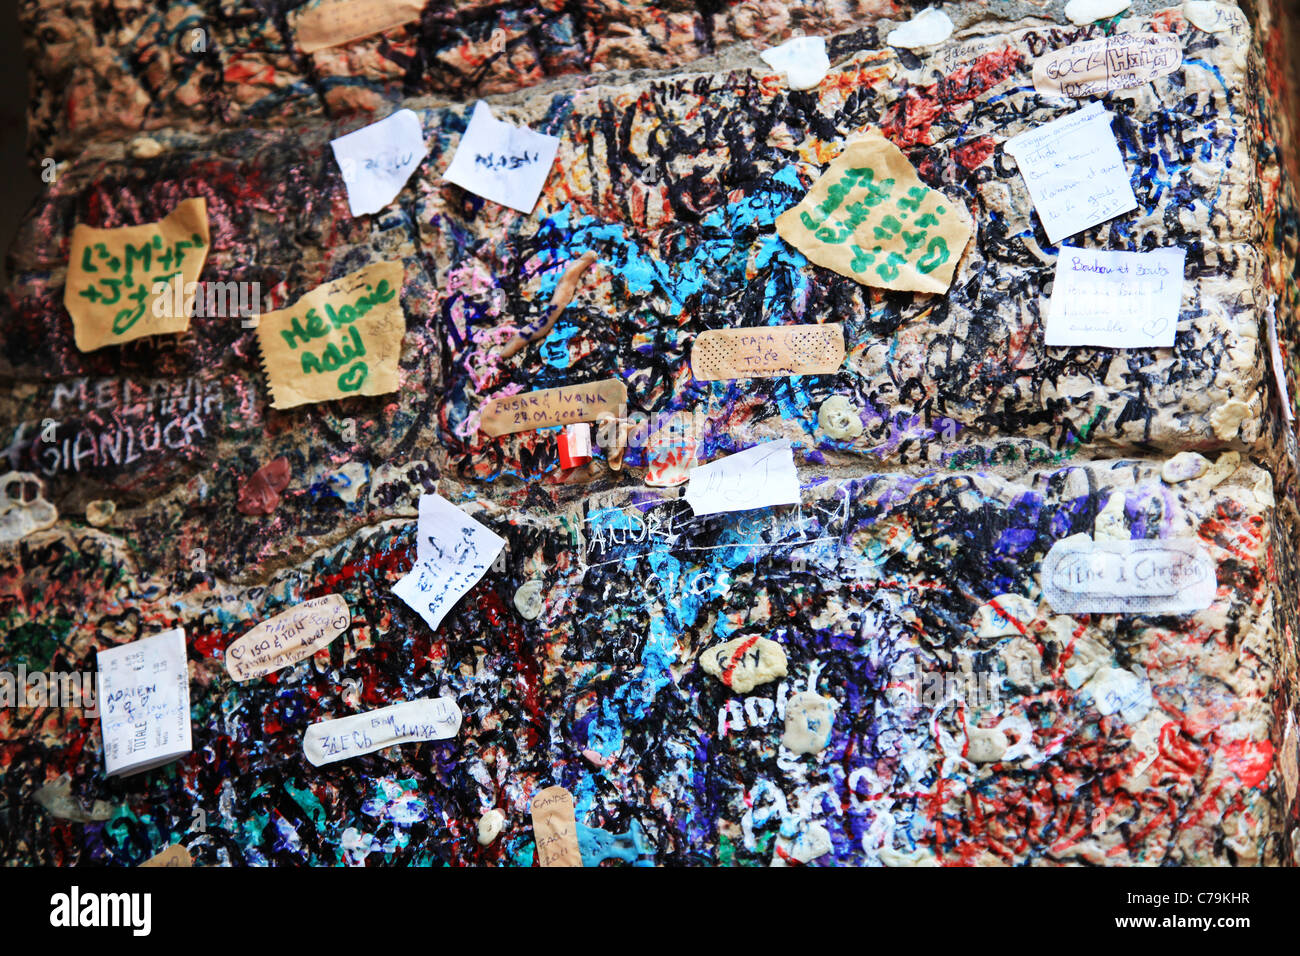 Graffiti e amore le note scritte sulle pareti al di fuori della casa di giulietta capuleti foto - Scritte sulle pareti di casa ...